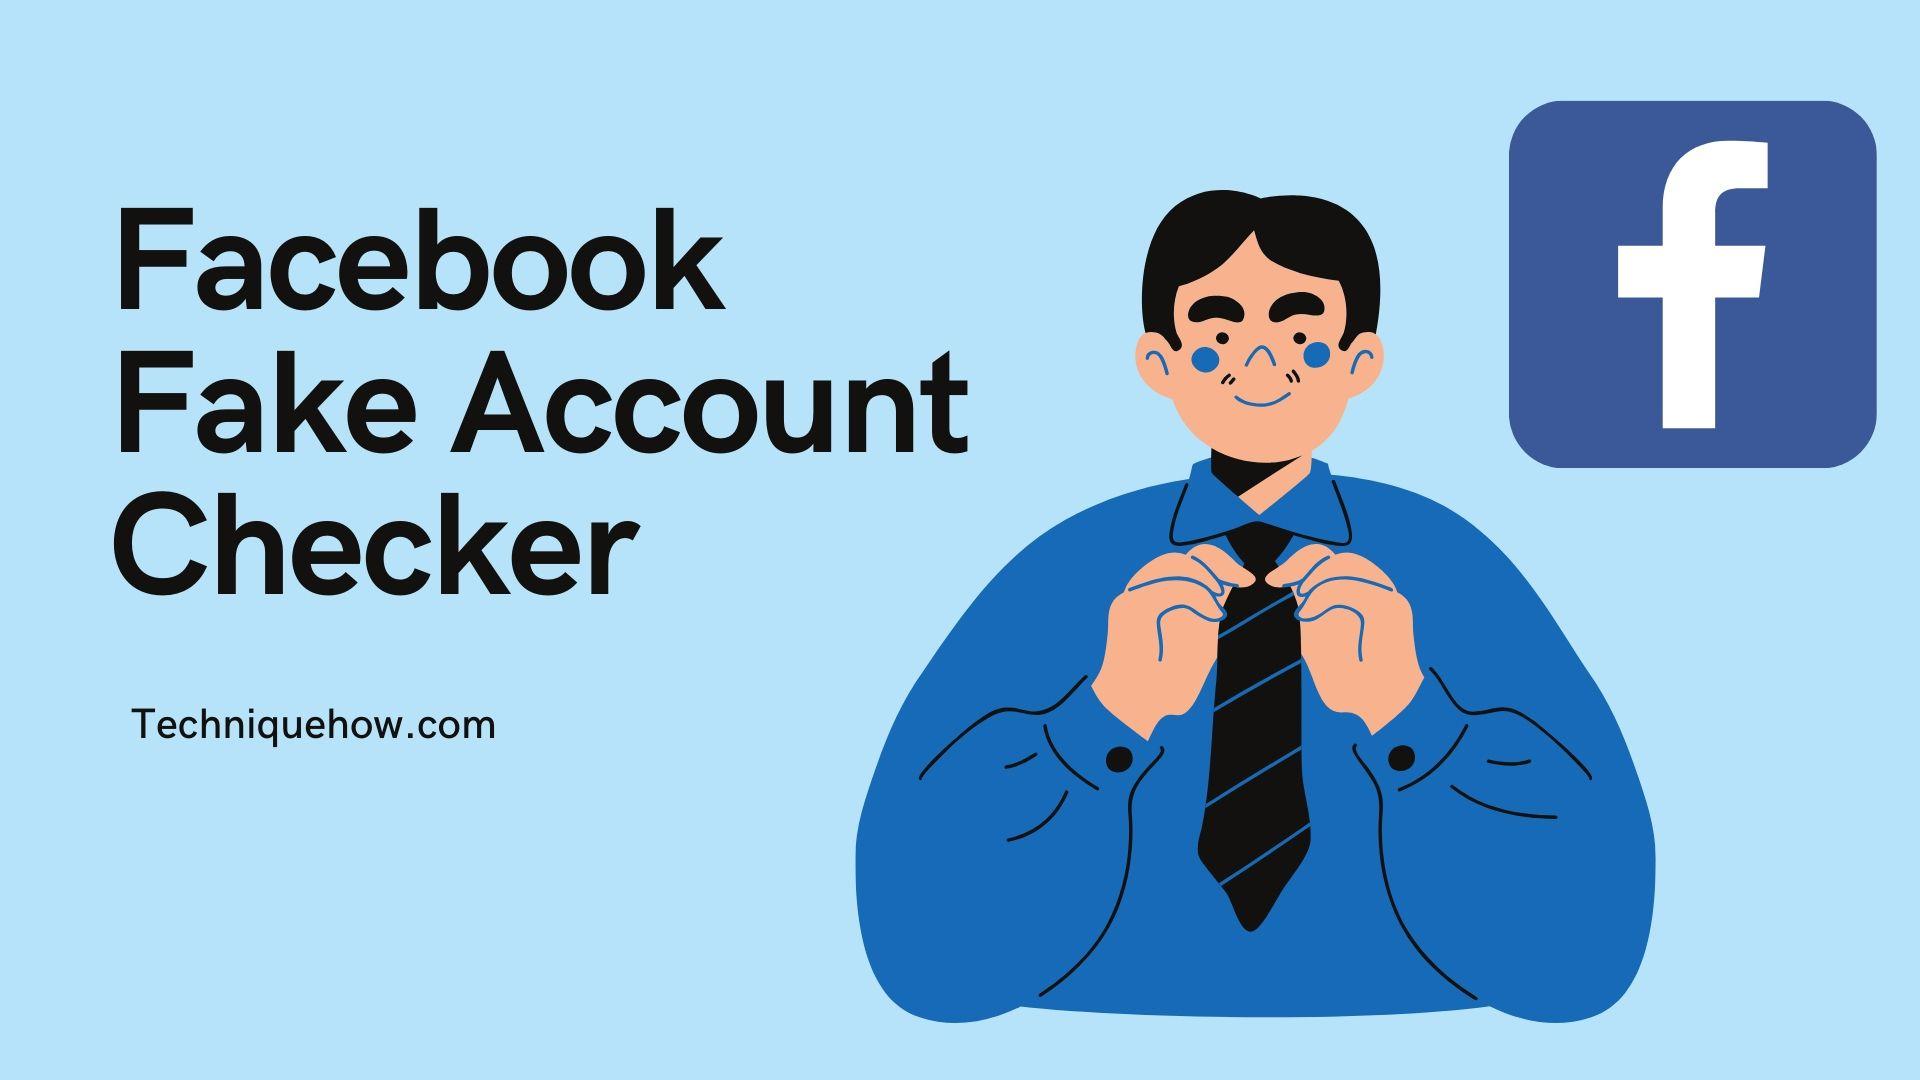 Facebook Fake Account Checker